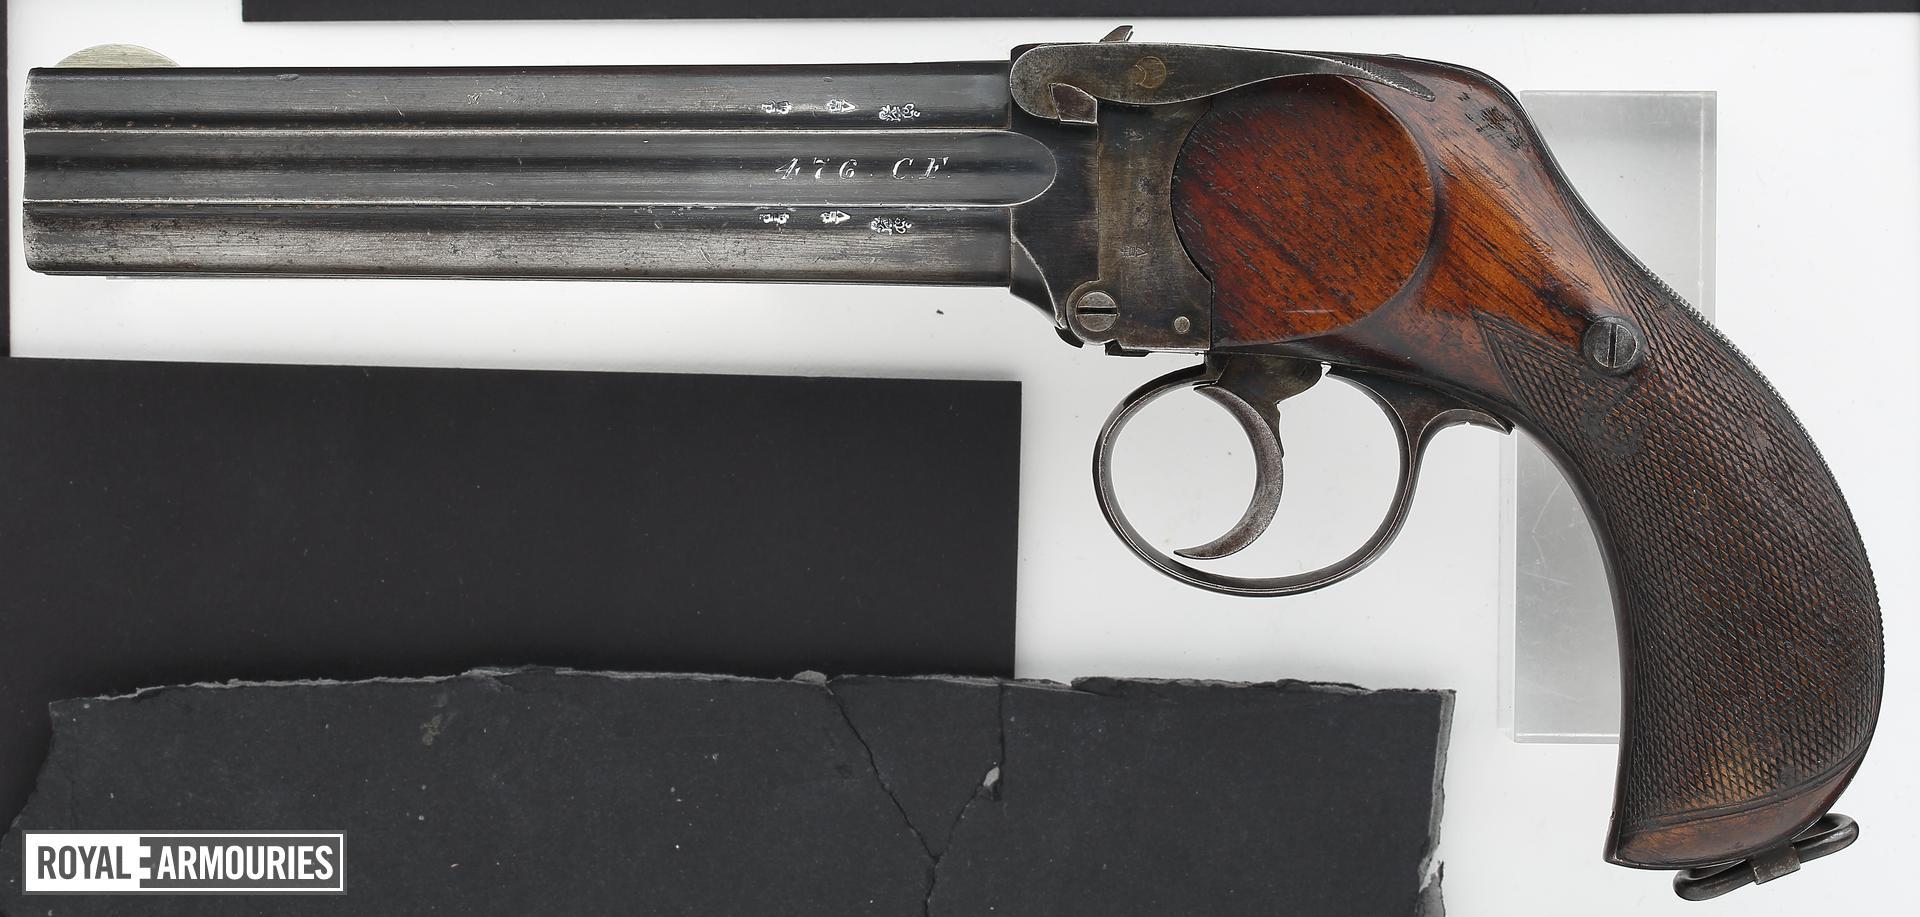 Centrefire four-barrelled pistol - Lancaster Large Frame Holster Model